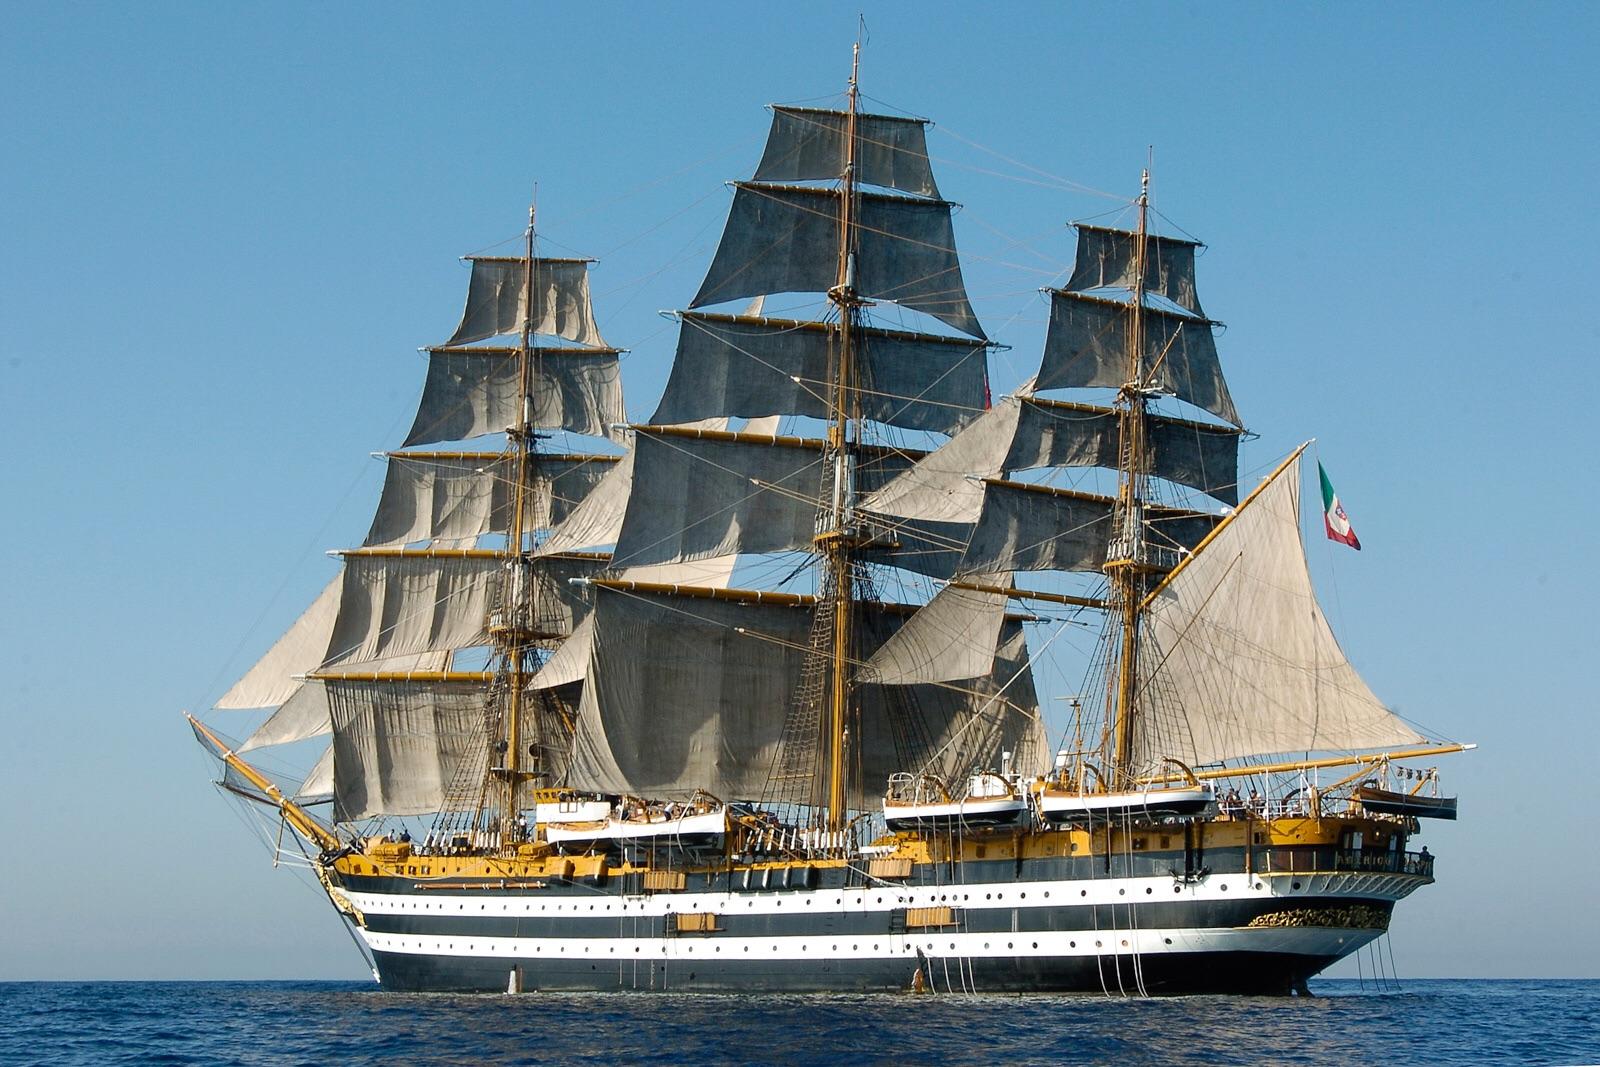 Torna a Trieste l'Amerigo Vespucci - Trieste All News